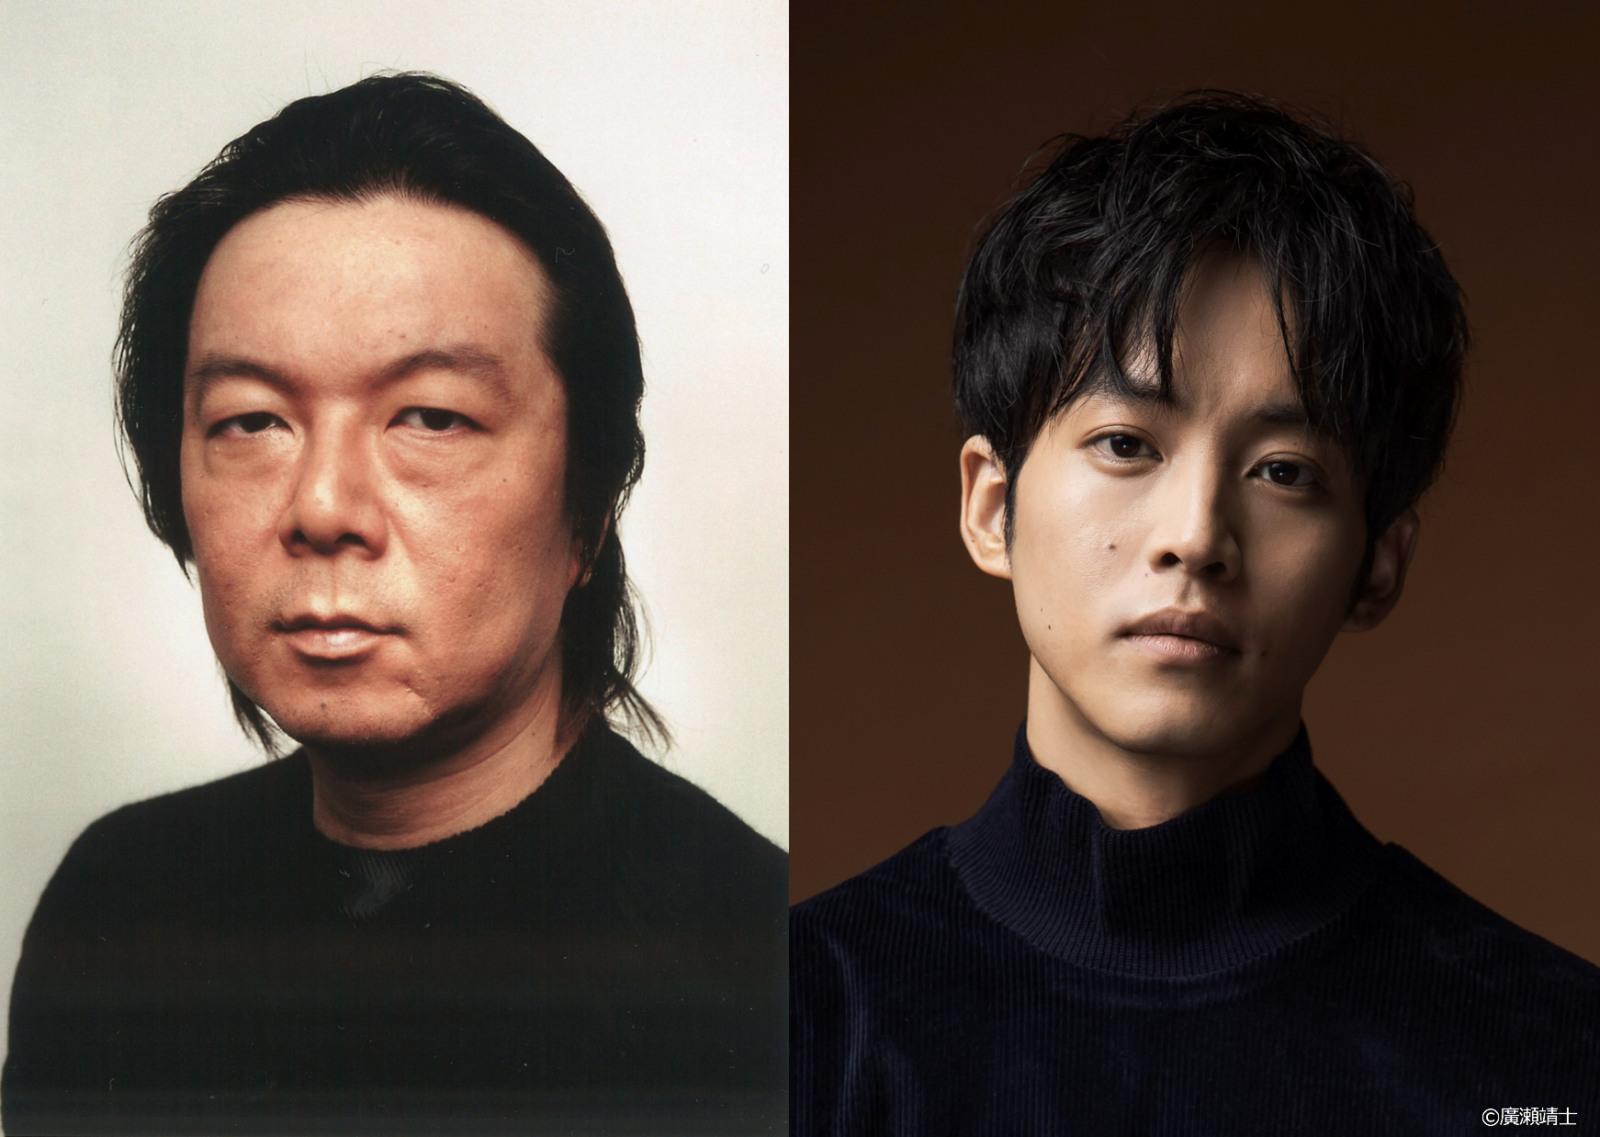 古田新太&松坂桃李が実写映画初共演!映画『空白』制作決定!